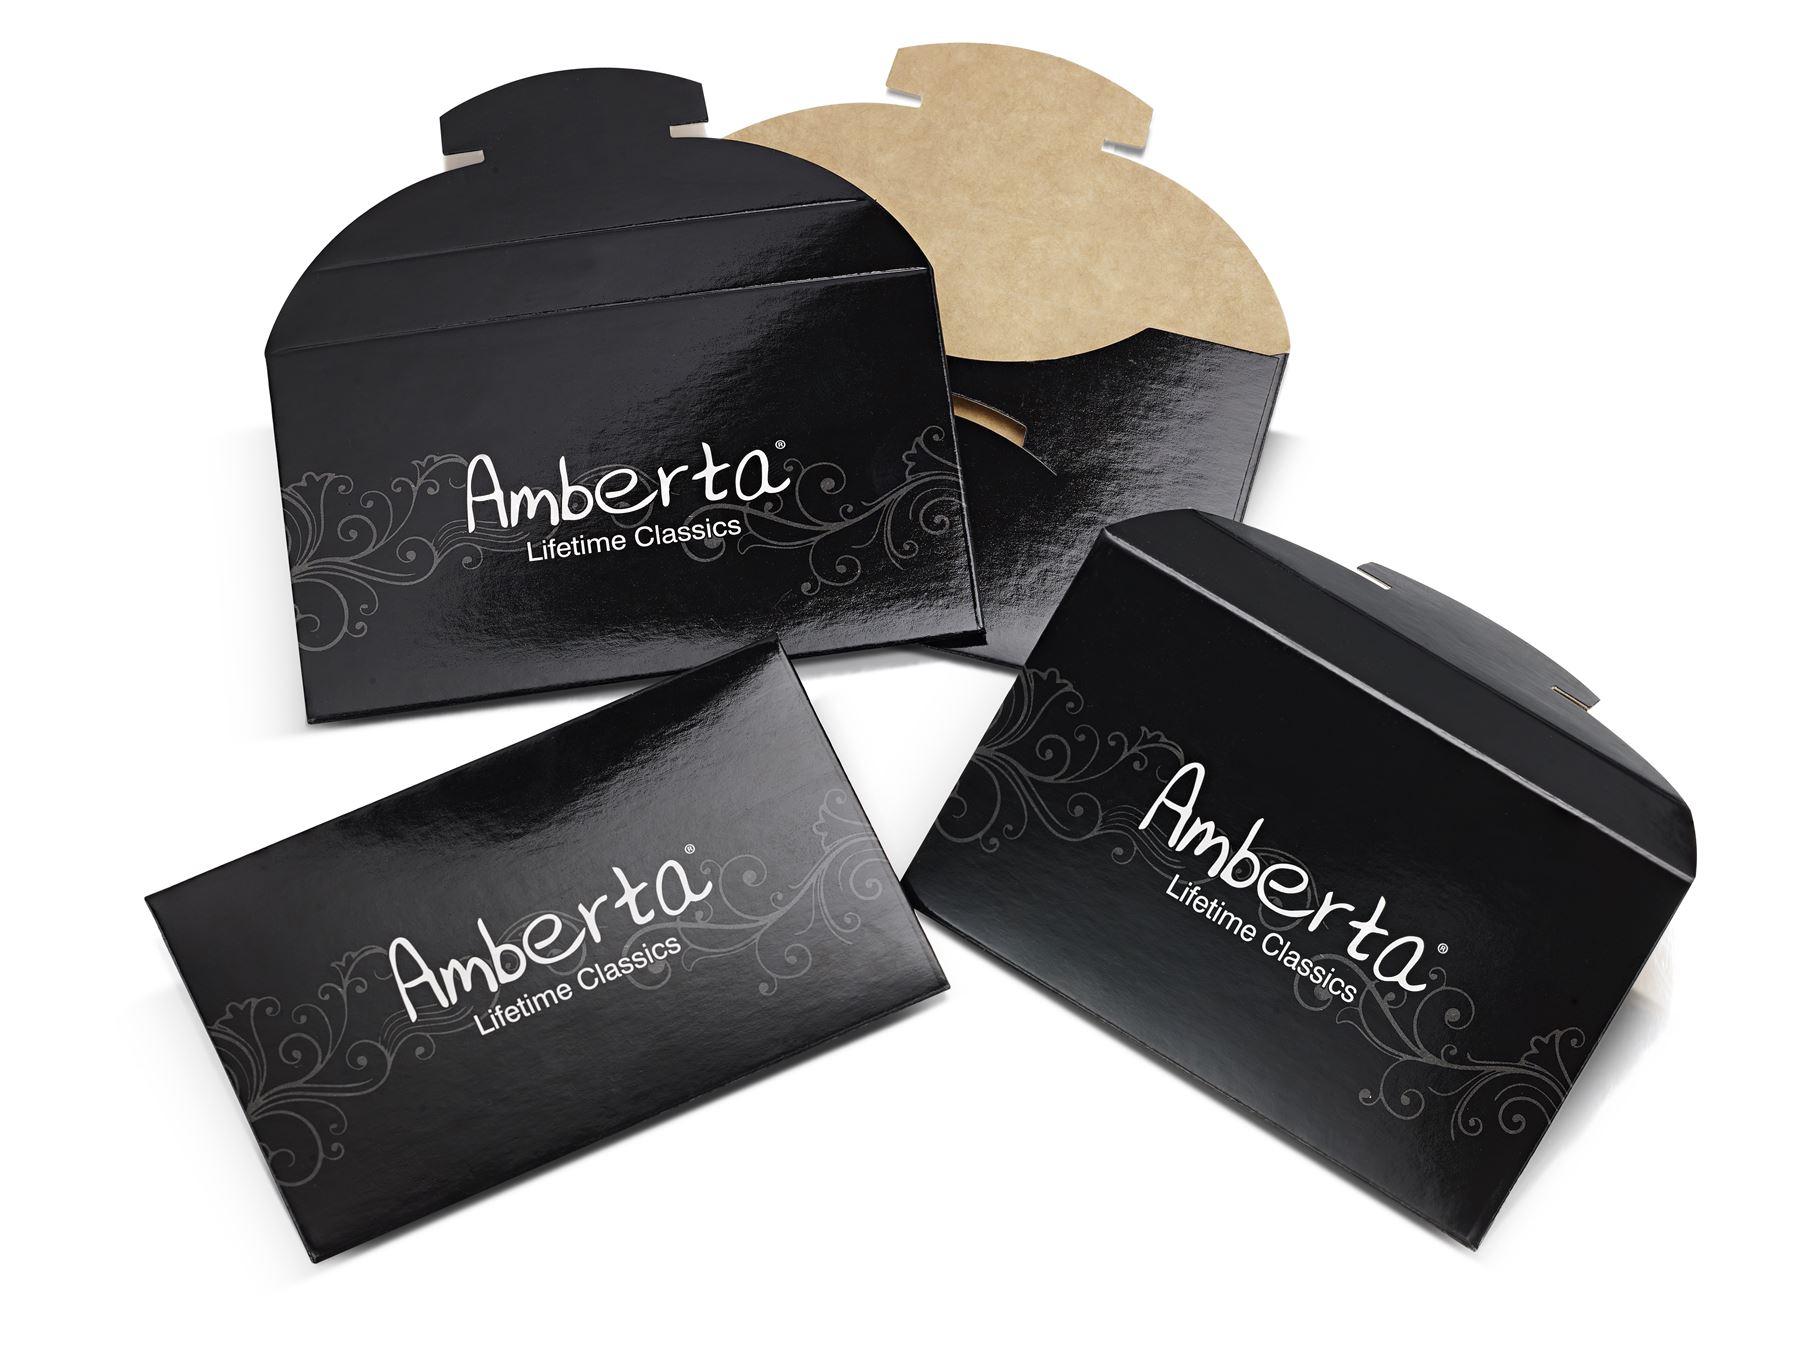 Amberta-Pendientes-para-Mujer-Aros-en-Plata-De-Ley-925-Autentica-Estilo-Clasico miniatura 4